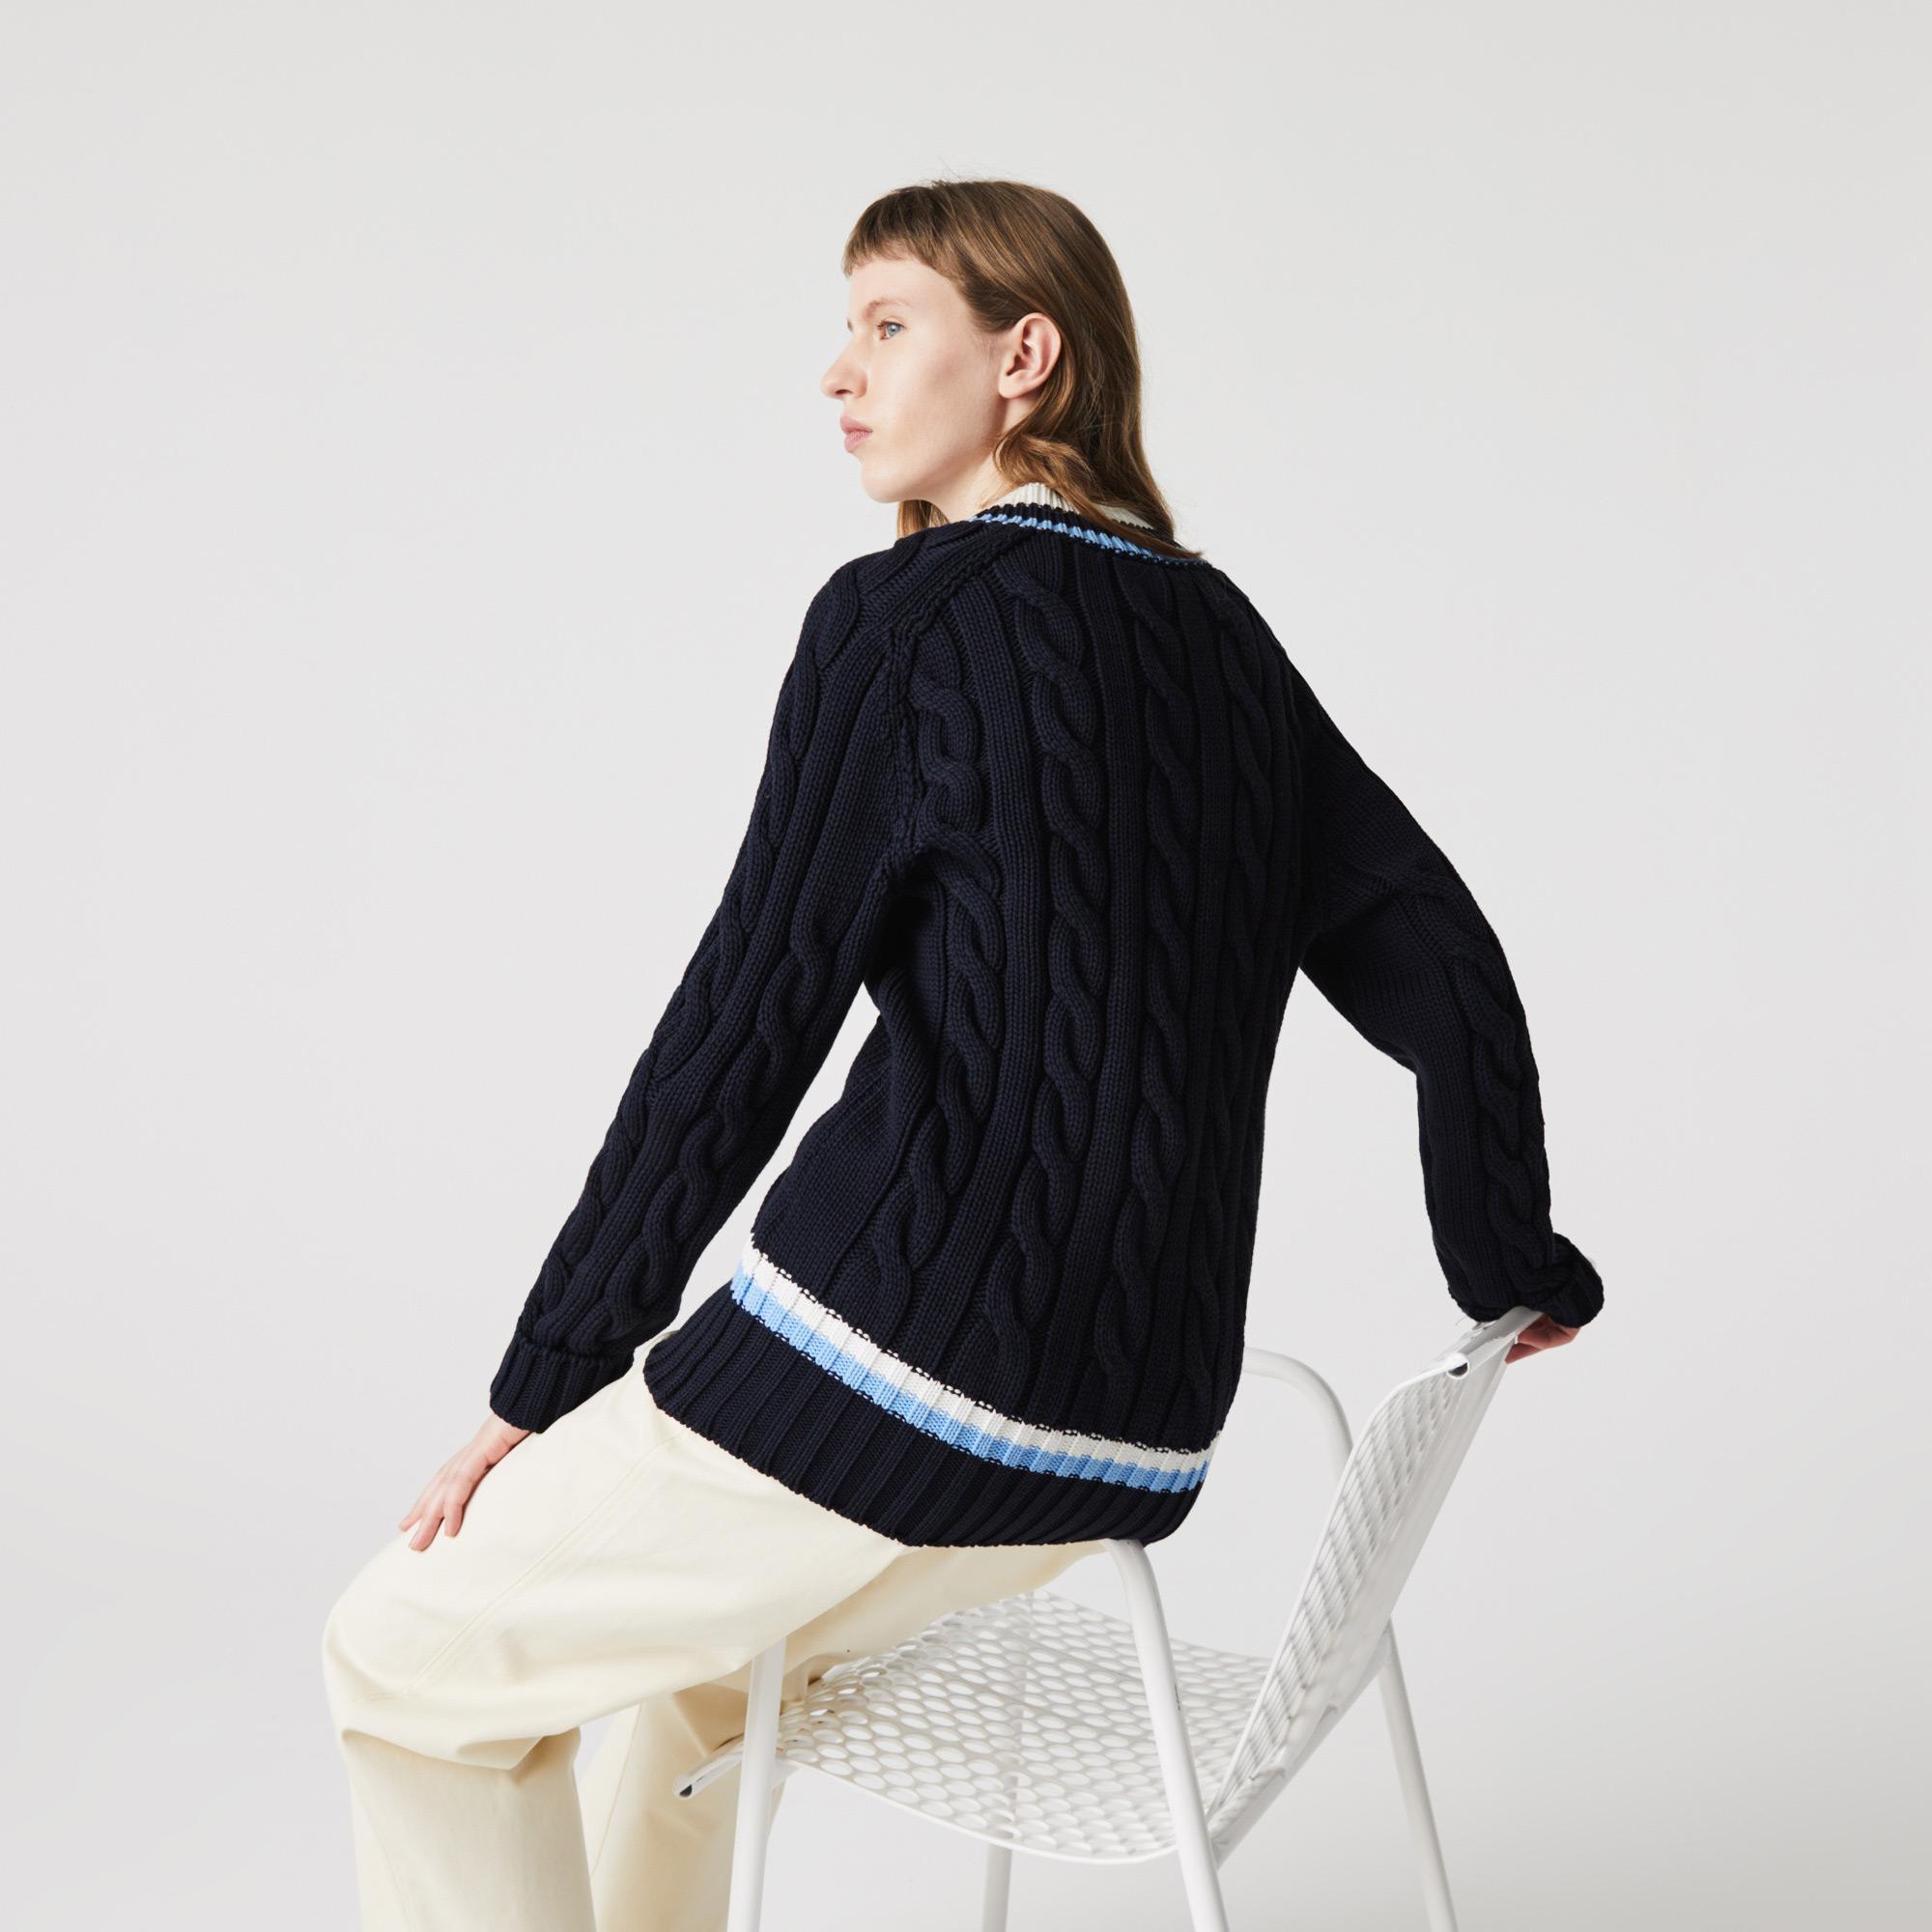 Lacoste Sweter warkoczowy wykończony paskami unisex z dekoltem w kształcie litery V